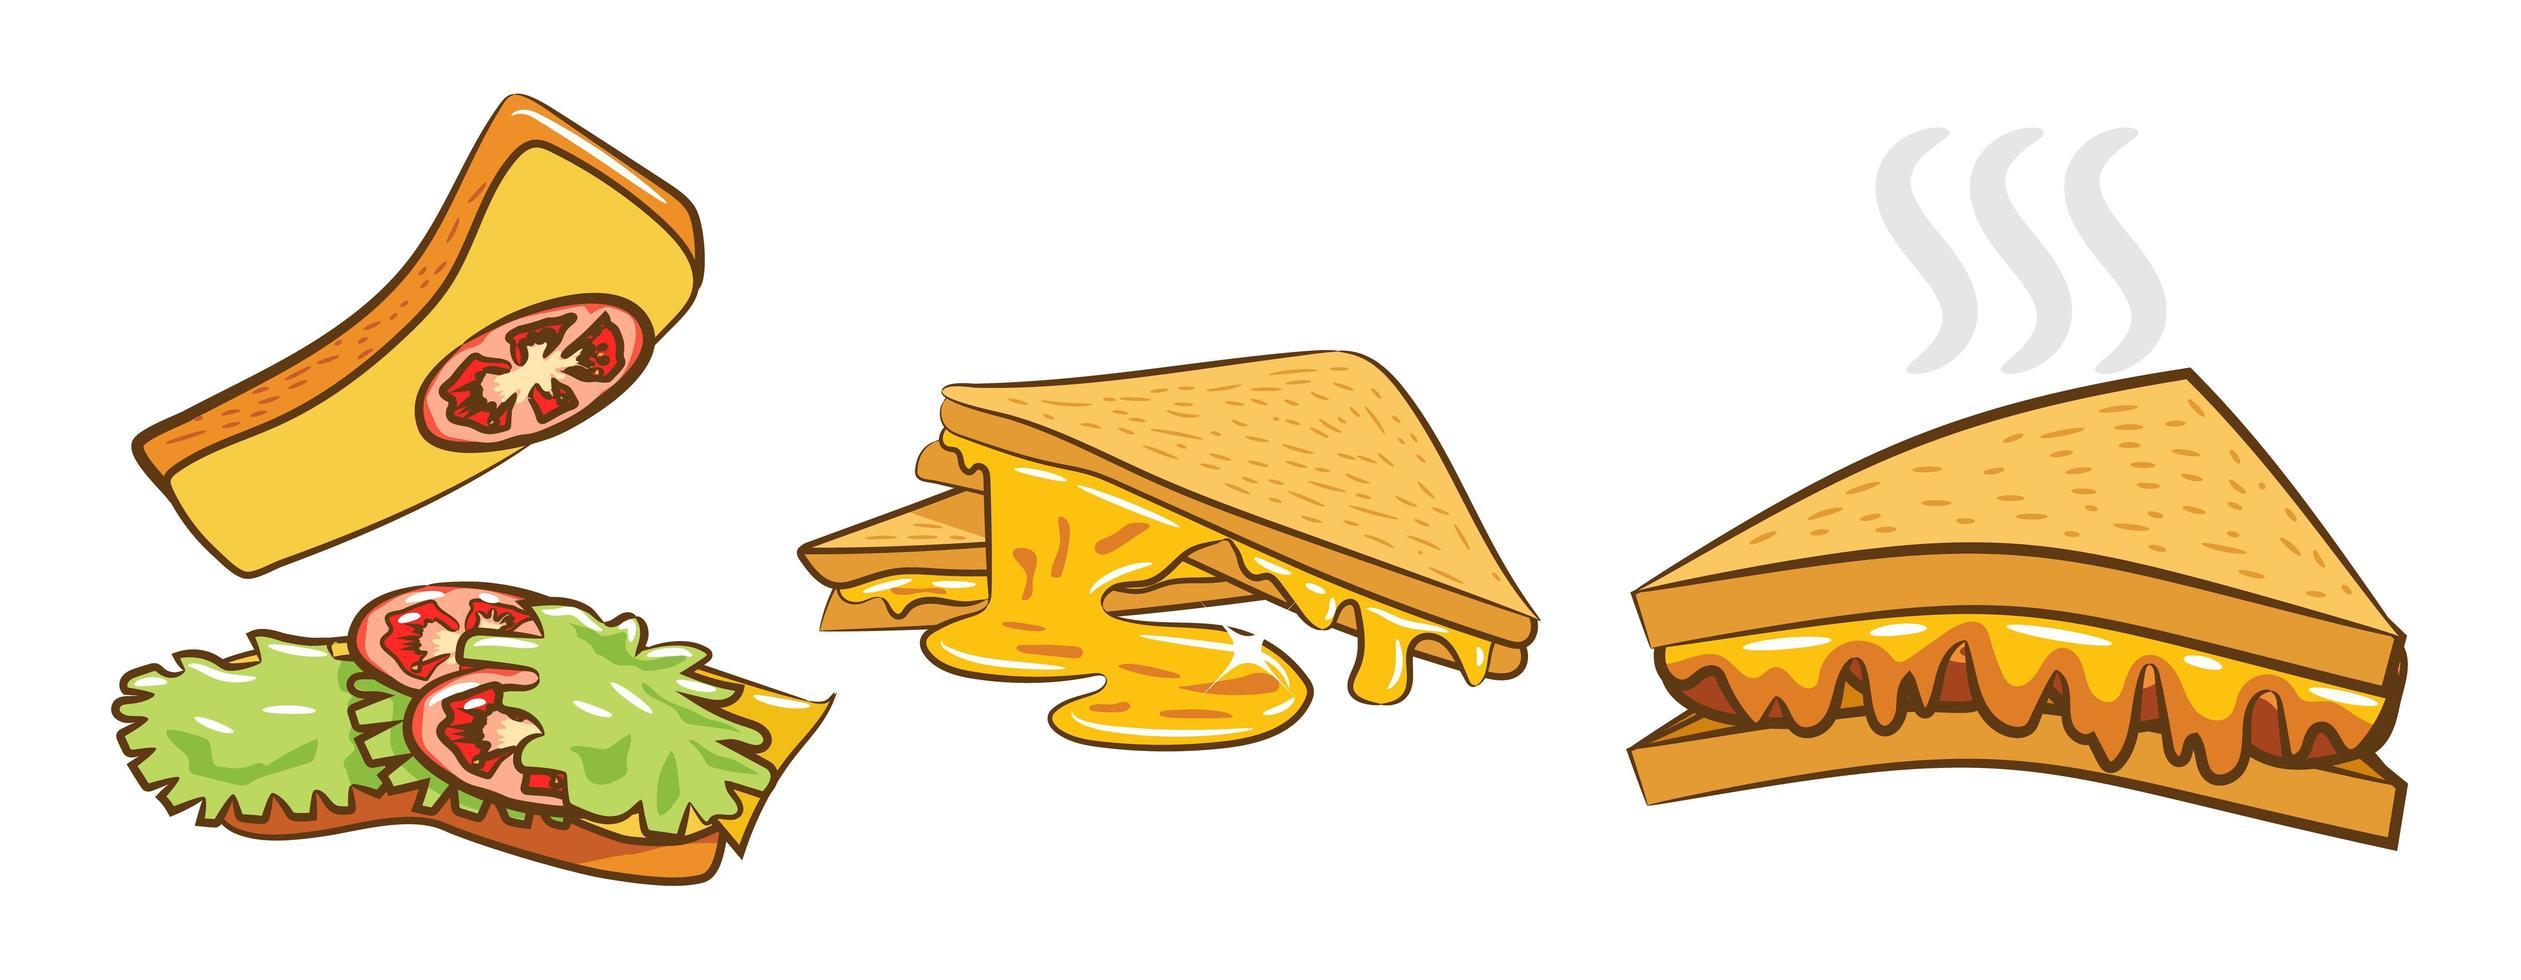 conjunto de sándwiches de queso a la parrilla vector